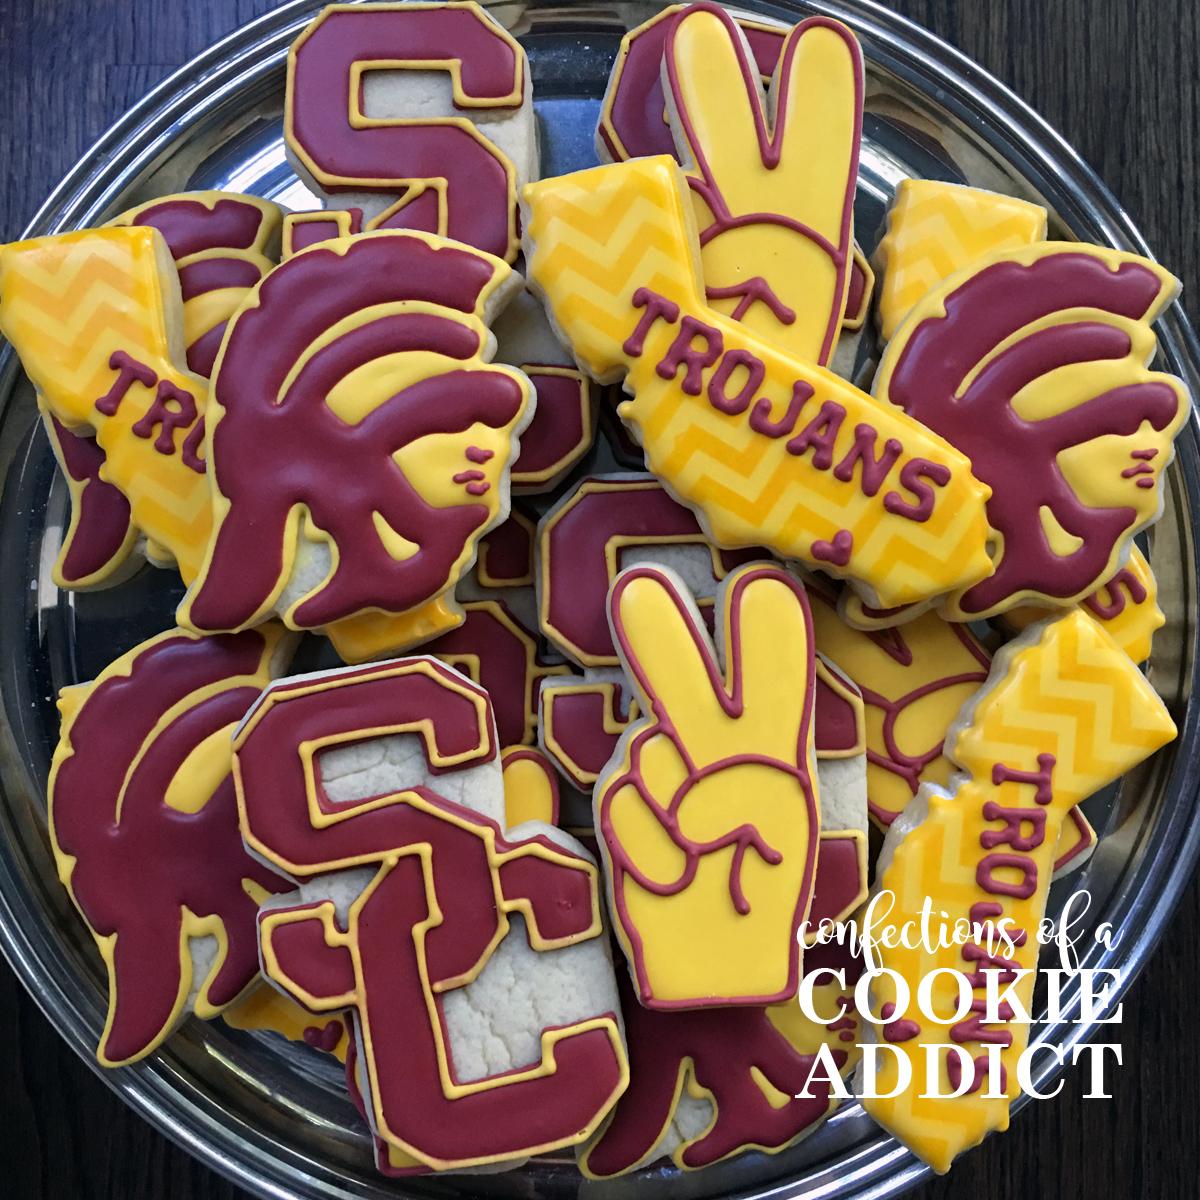 USC Cookiess19